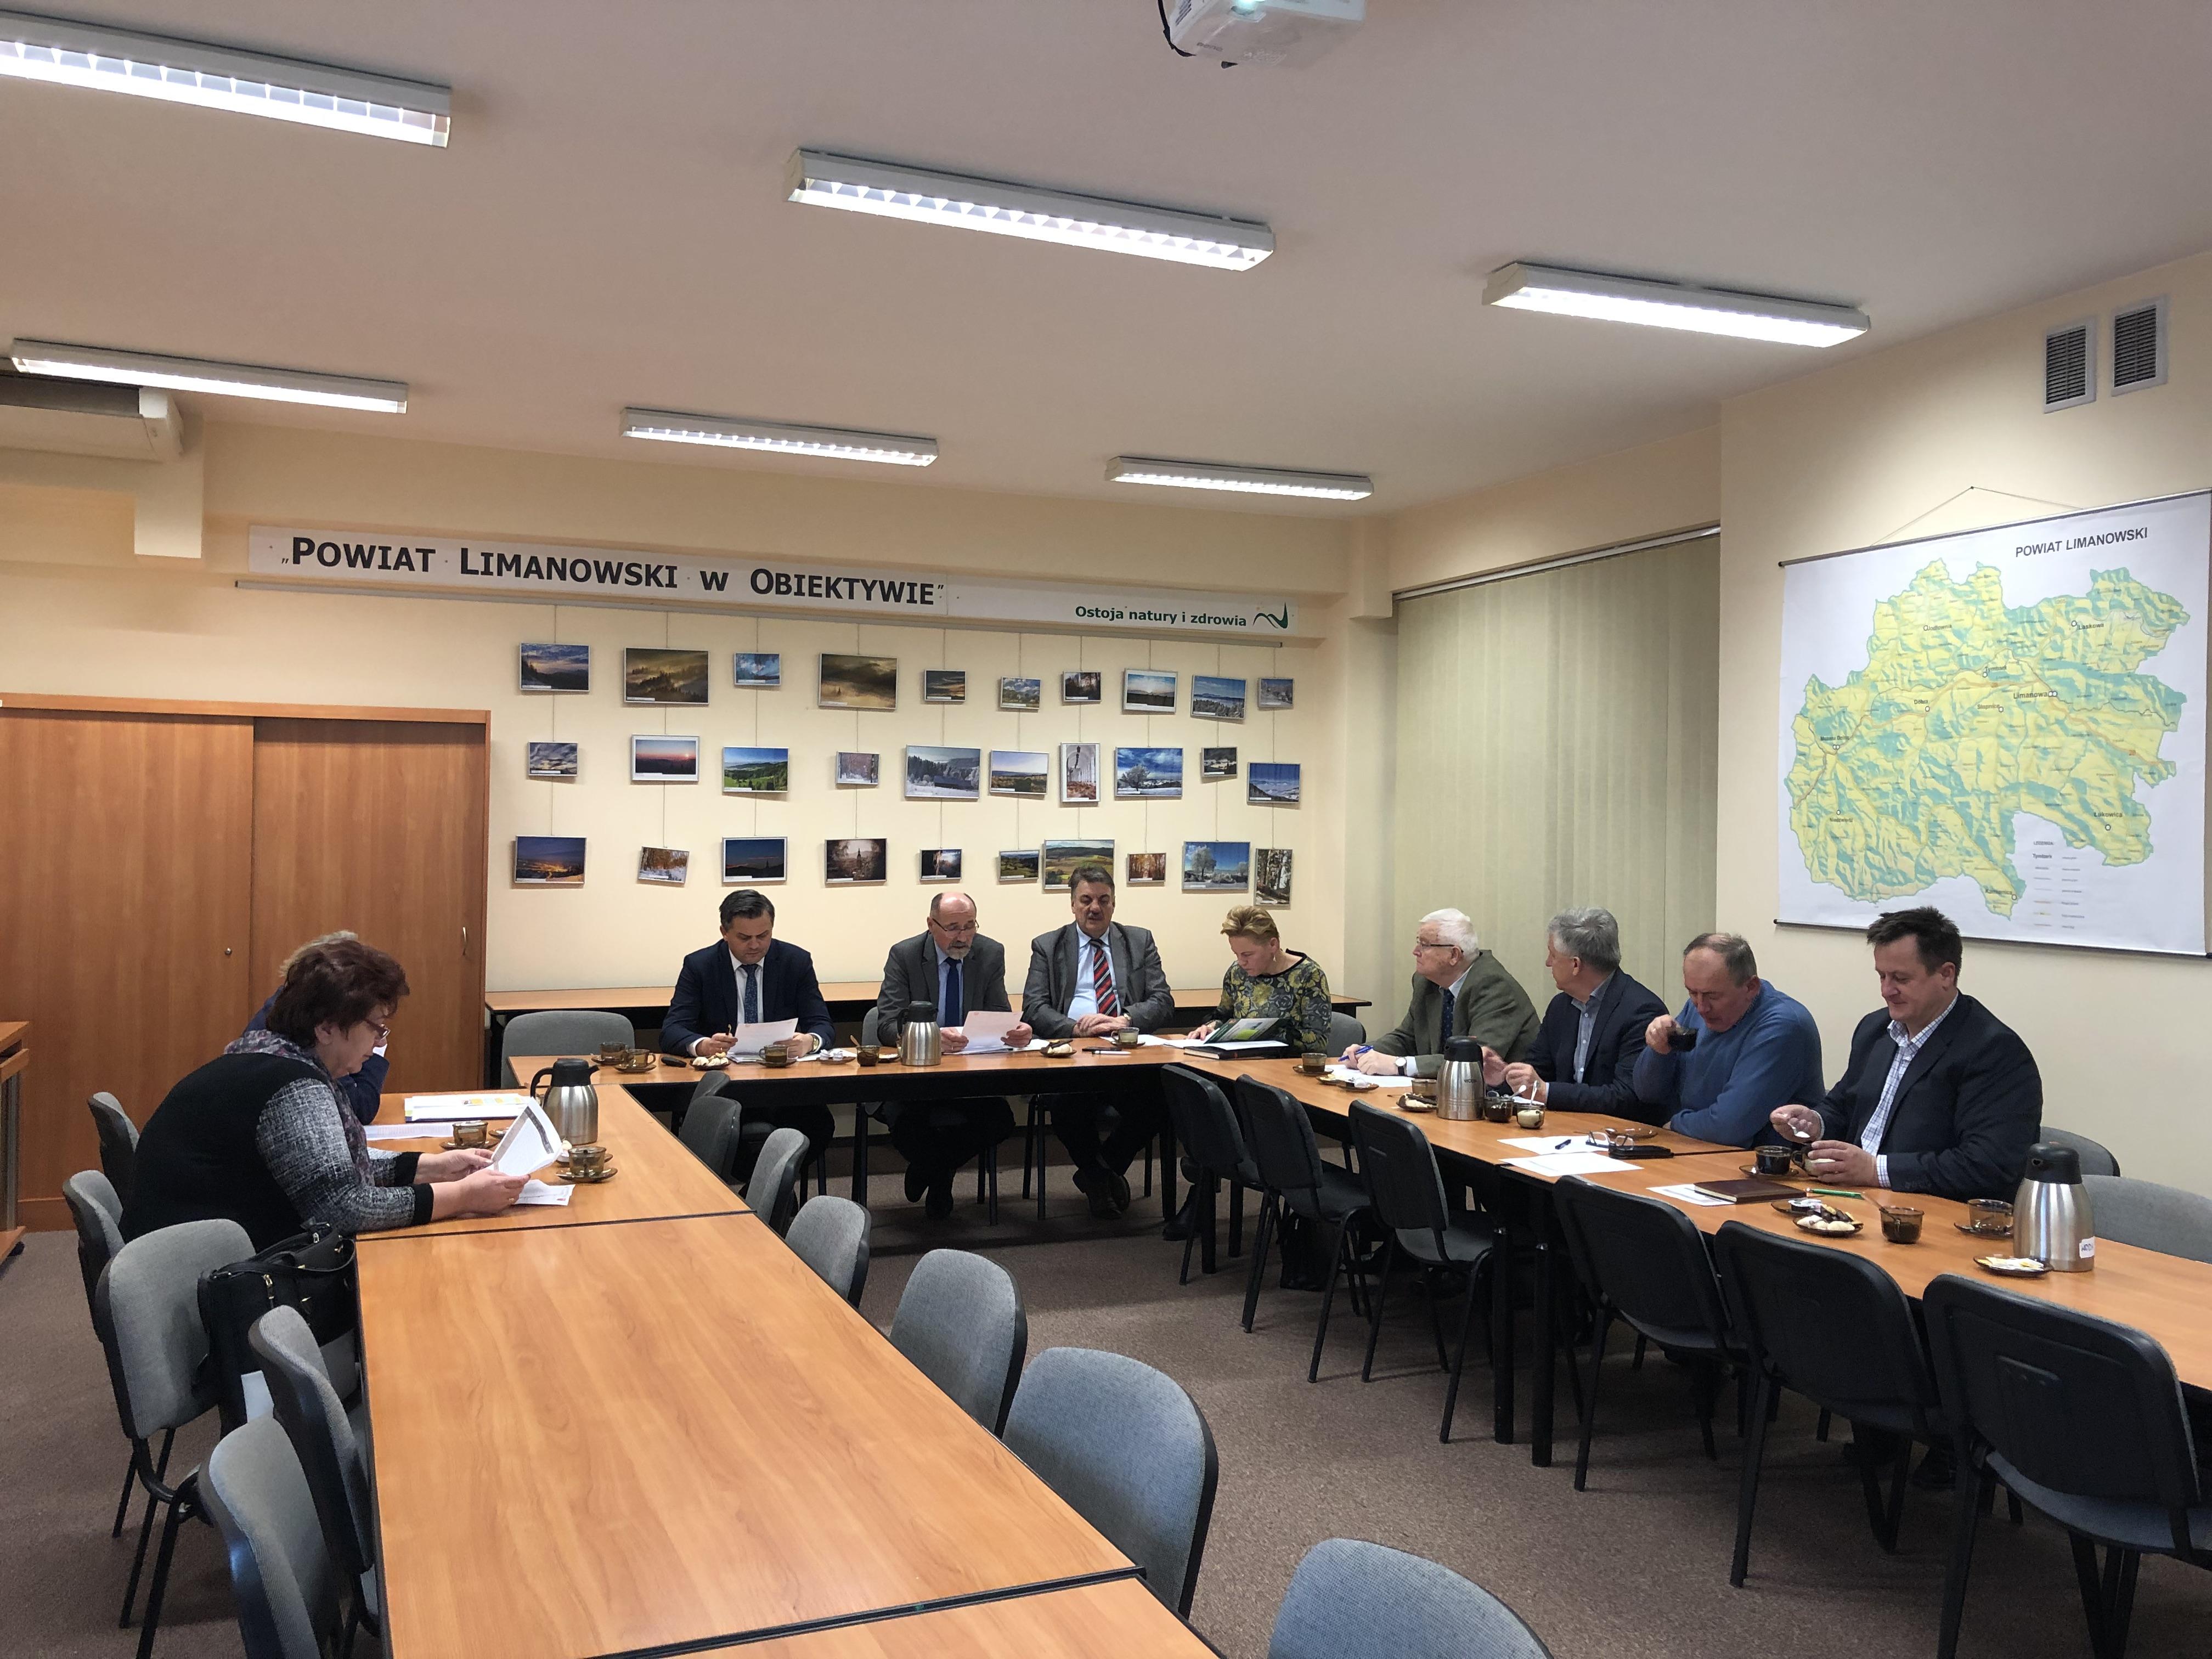 Posiedzenie Powiatowej Rady Rynku Pracy - uczestnicy podczas obrad